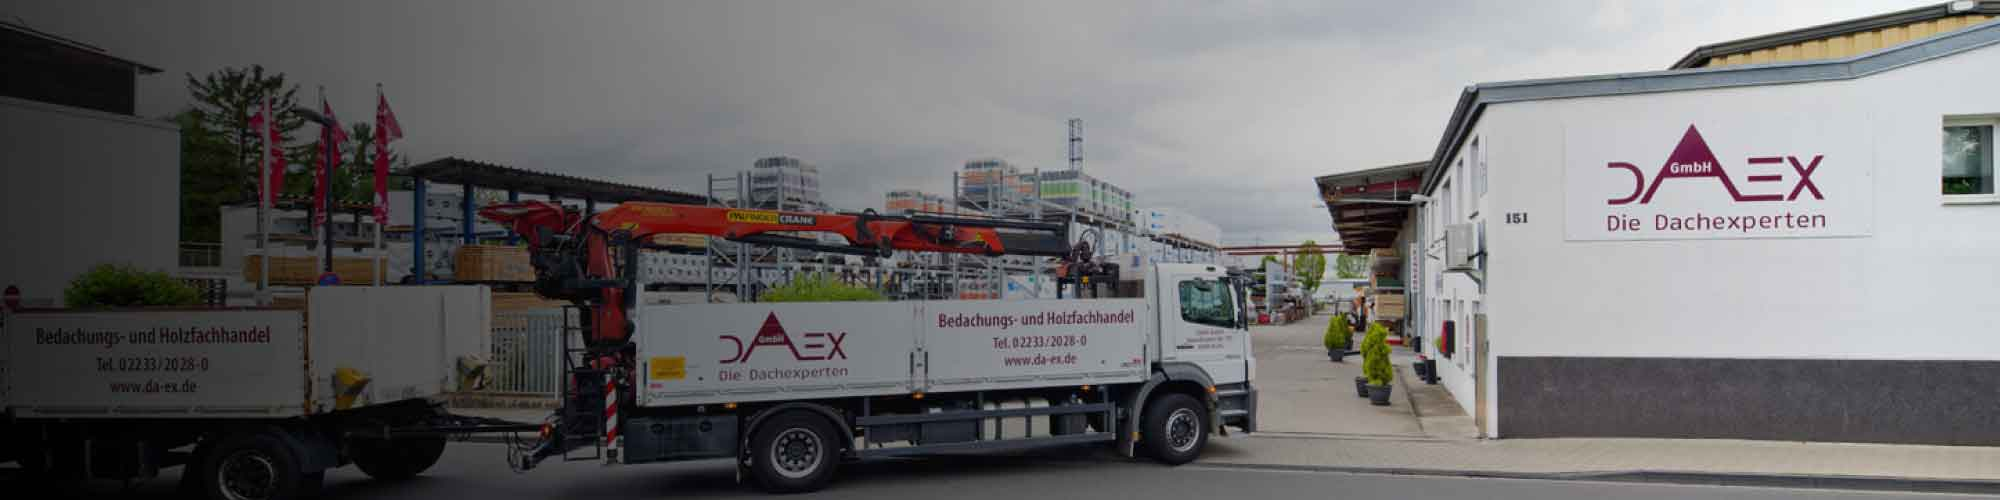 Neuer Vertriebspartner DAEX GmbH- die Dachexperten